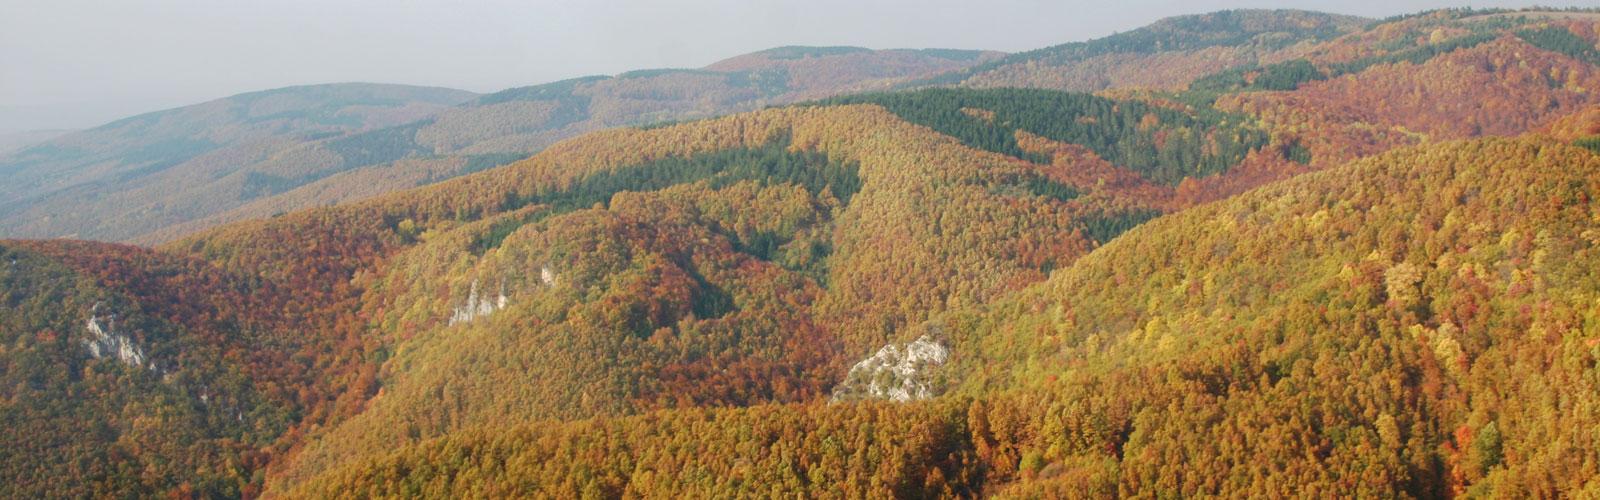 nacionalni-park-kozara-vegetacija-i-biljni-fond-4